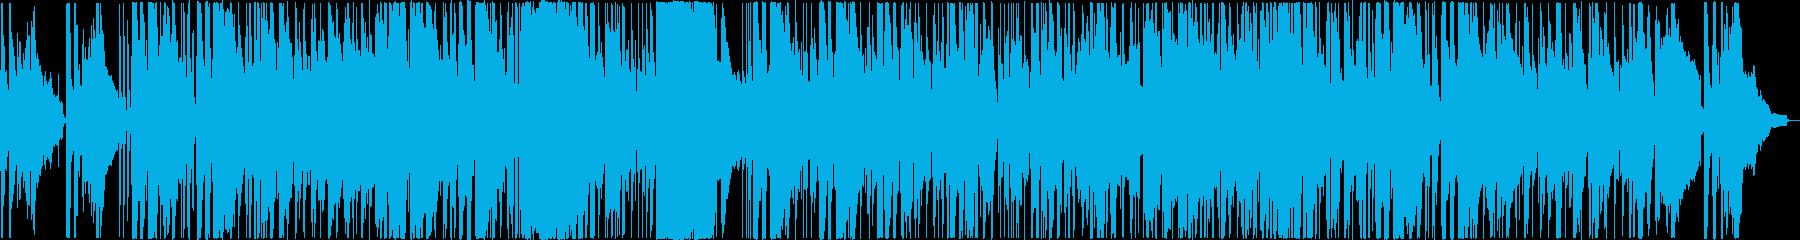 素敵でさわやかなスローファンクの再生済みの波形